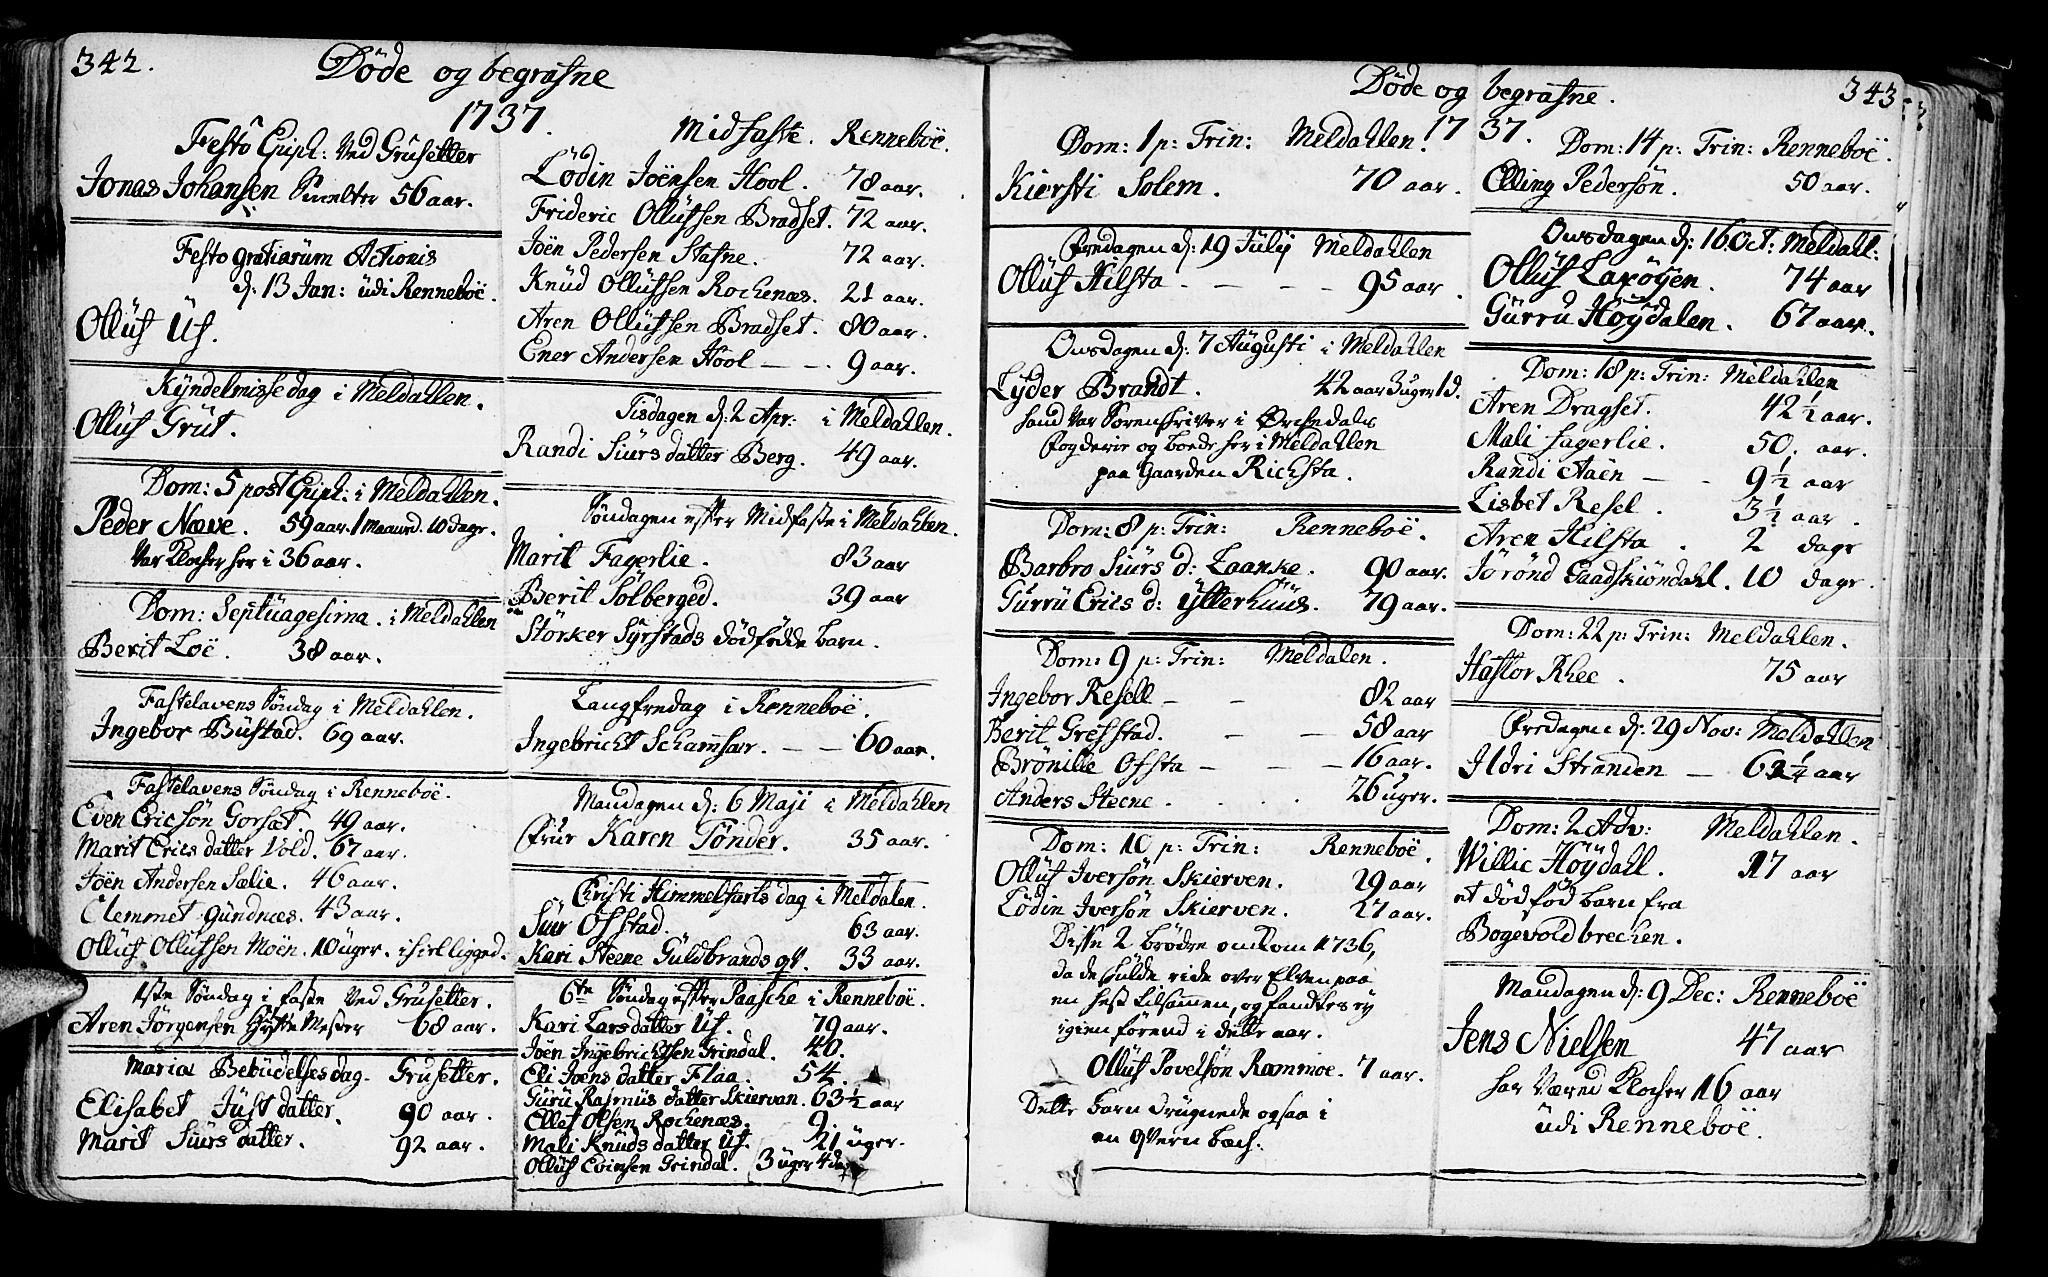 SAT, Ministerialprotokoller, klokkerbøker og fødselsregistre - Sør-Trøndelag, 672/L0850: Ministerialbok nr. 672A03, 1725-1751, s. 342-343